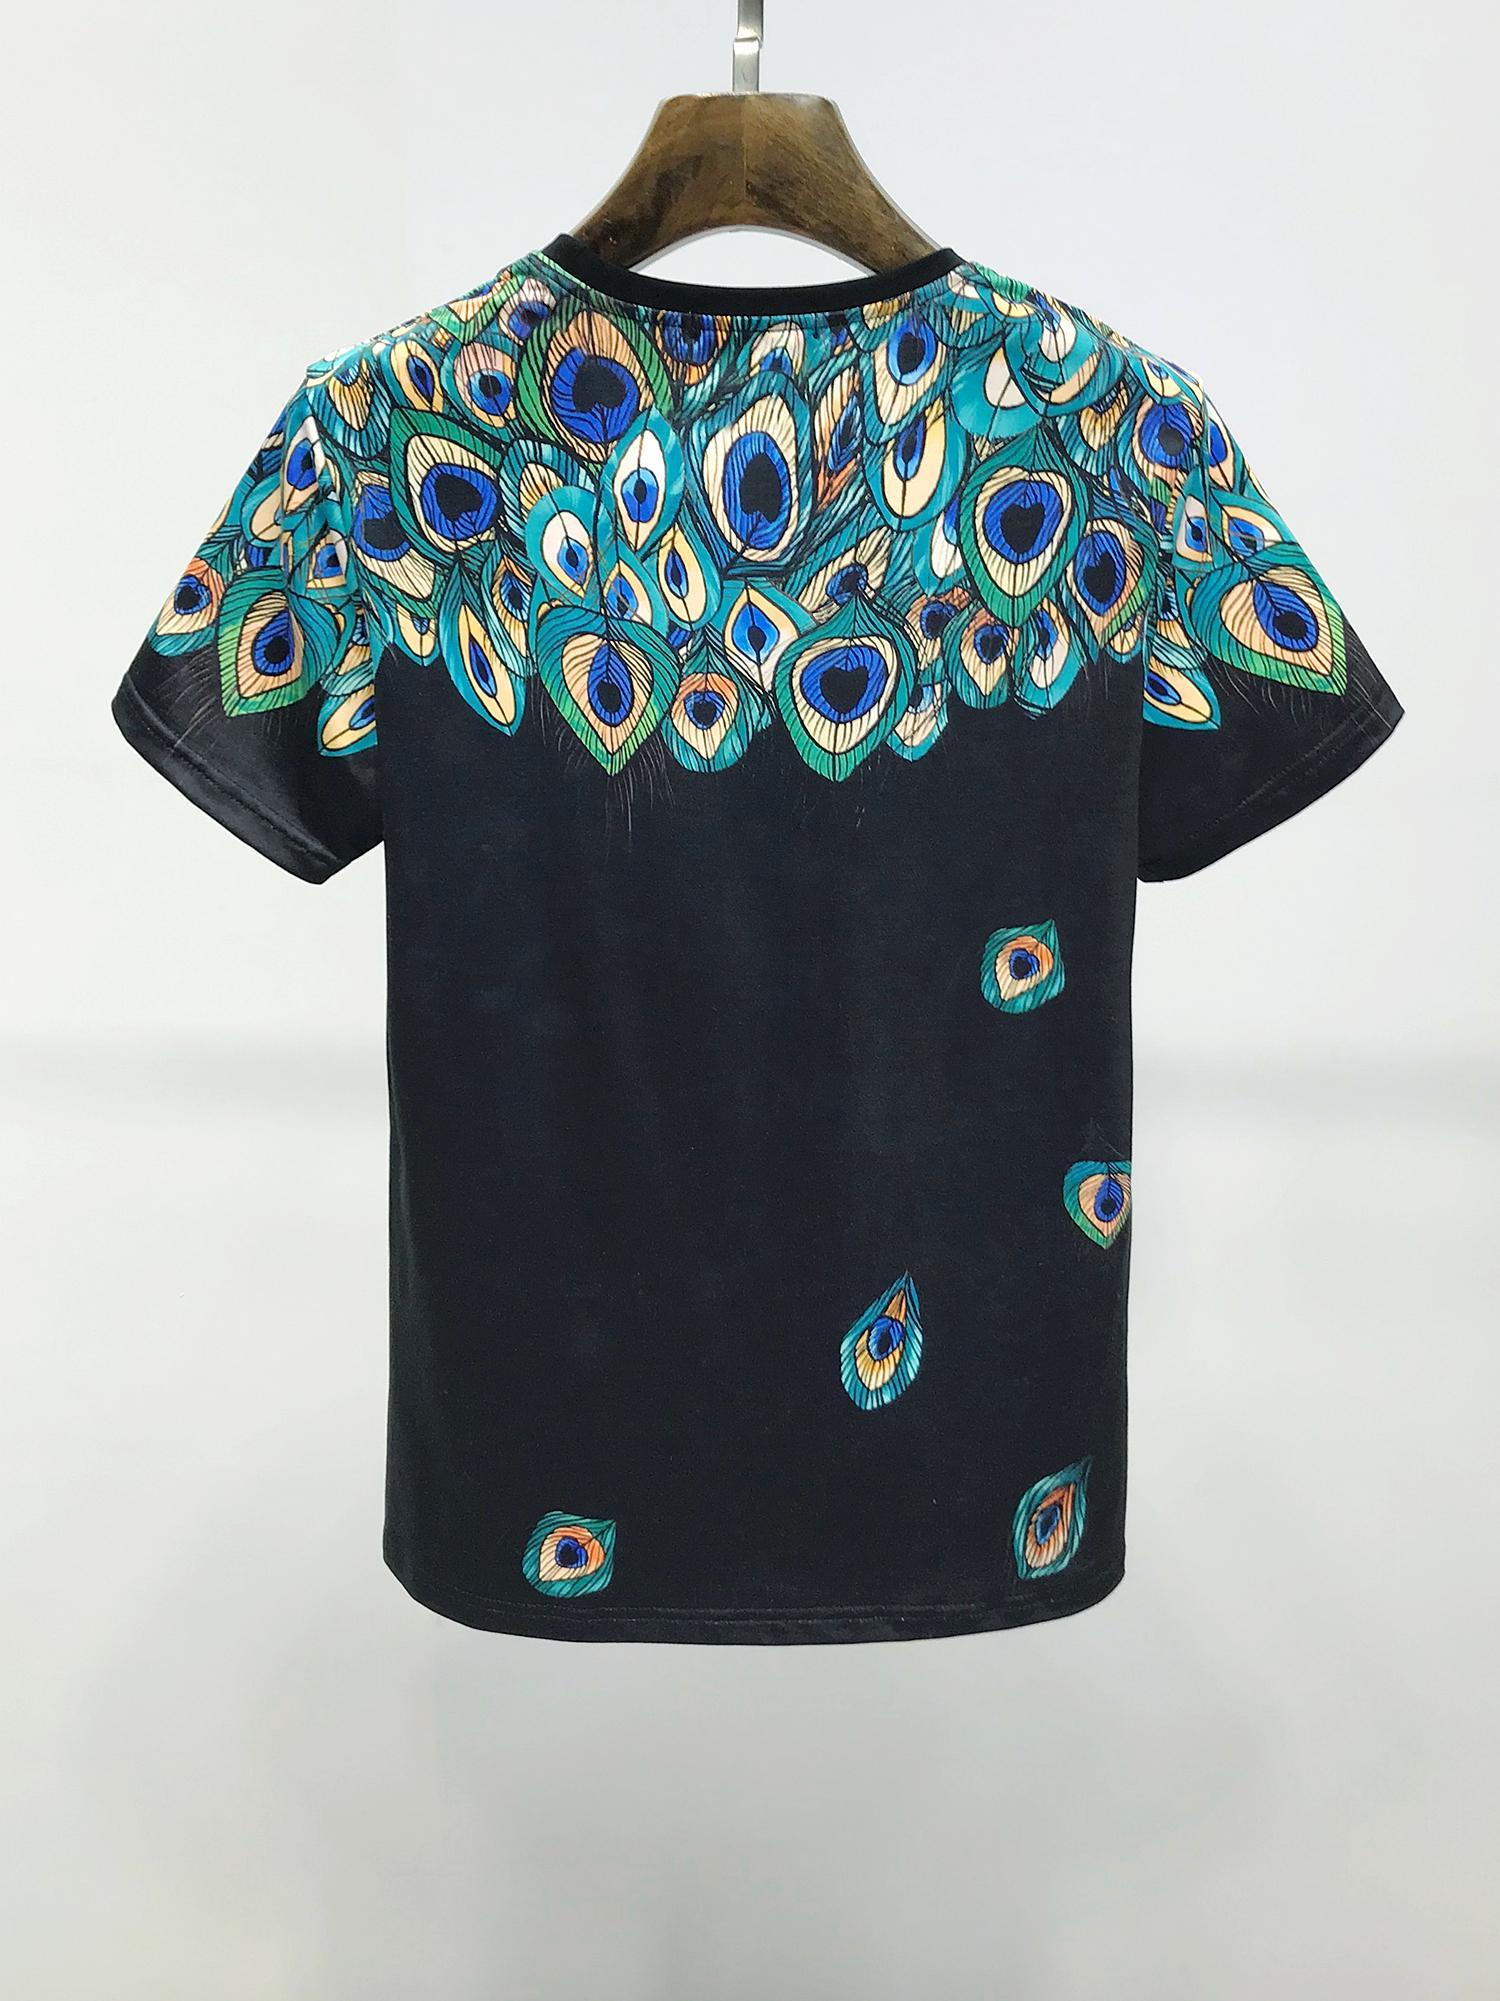 2021 럭셔리 패션 크라운 킹 디자이너 남자의 티셔츠 # 017 유럽 밀란 여름 남성 여성 짧은 소매 클래식 Royal Streetwear 캐주얼 티셔츠